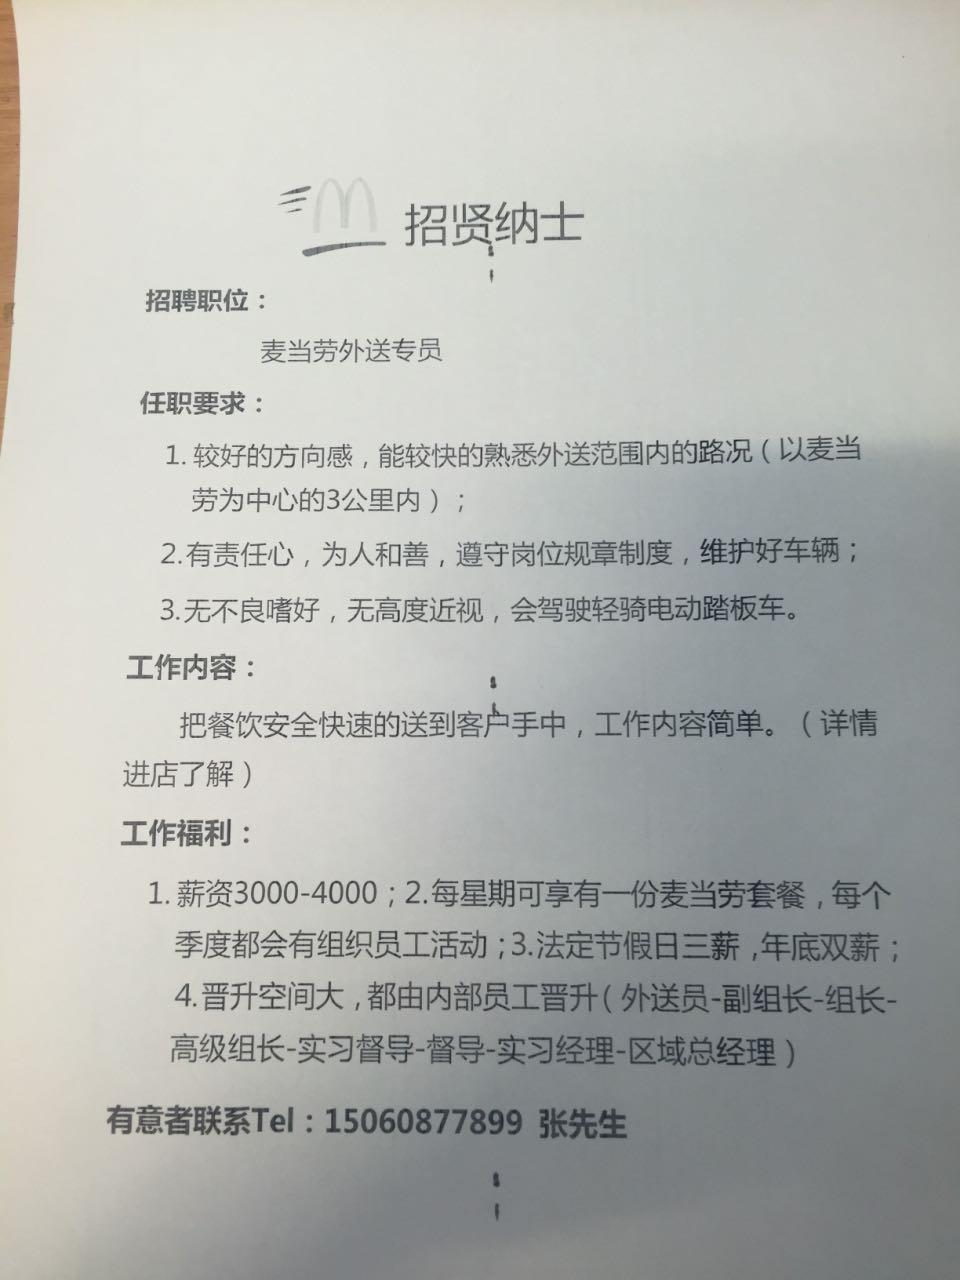 来自张志明发布的招聘信息:... - 广州赢合麦通贸易有限公司厦门分公司